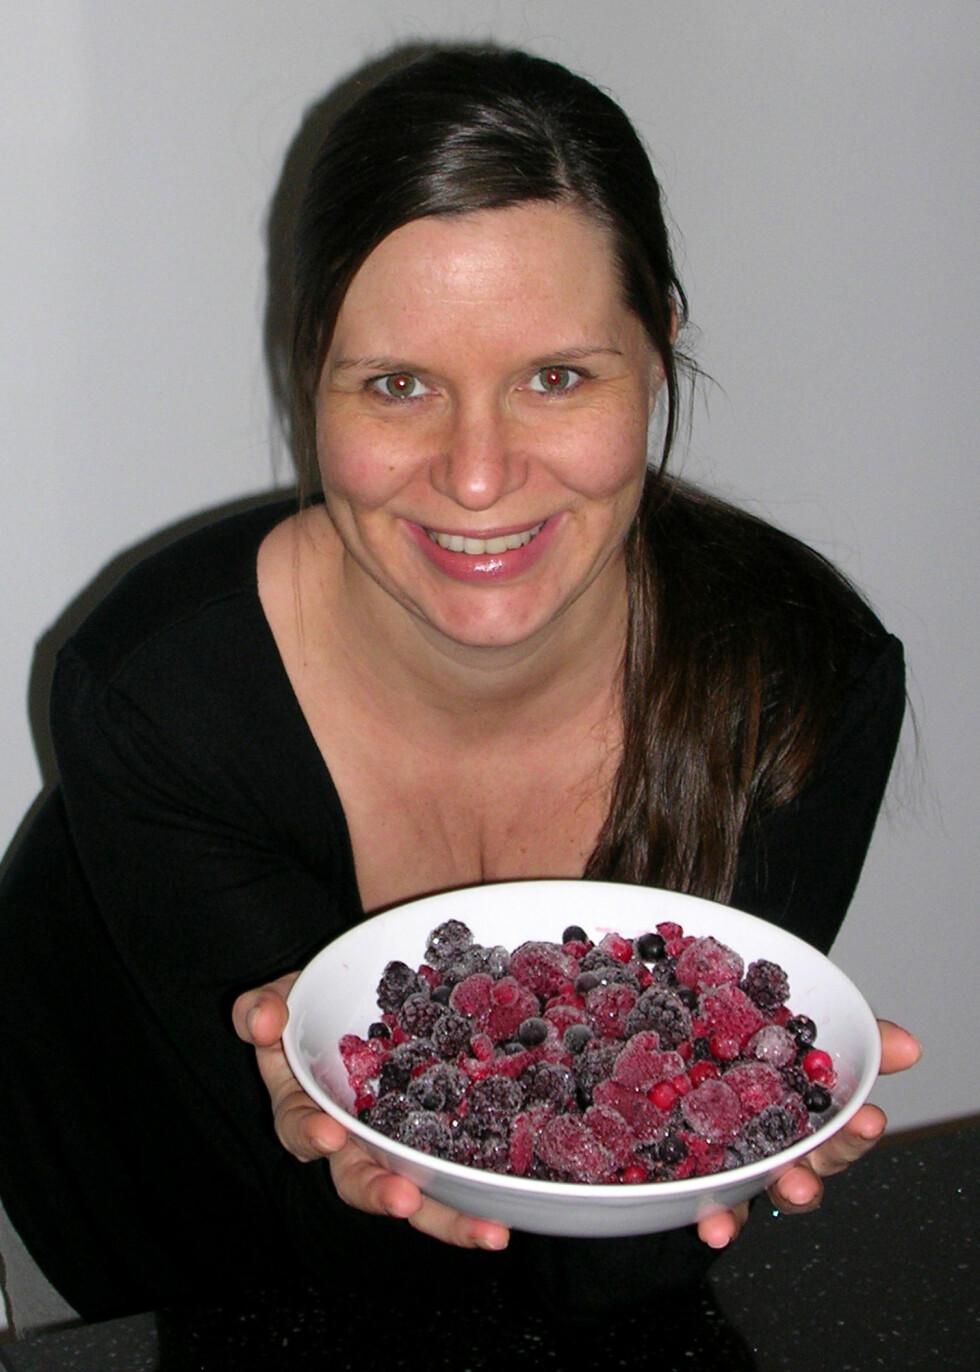 Blårbær og solbær er kraftige antioksidanter som kan beskytte mot en rekke sykdommer, ifølge stipendiat Anette Karlsen.Foto: Privat Foto: Privat